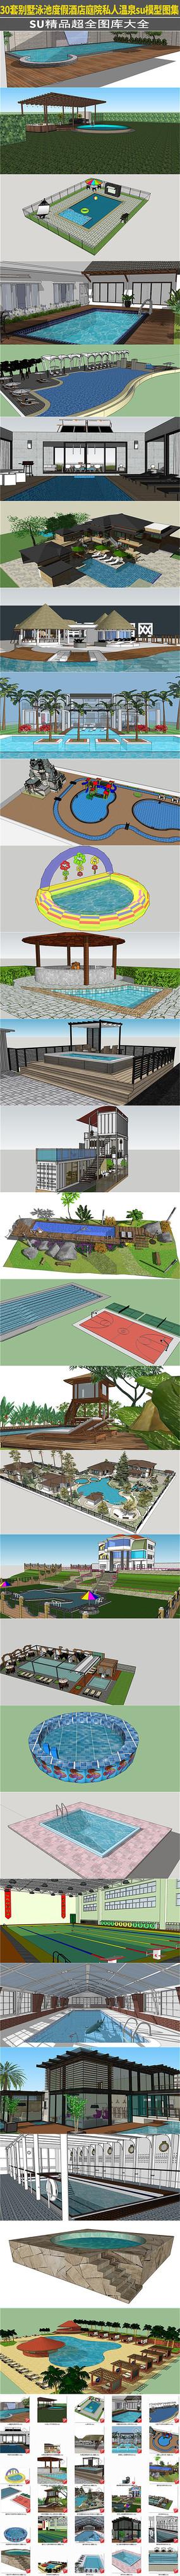 游泳池模型别墅屋顶泳池度假酒店庭院温泉